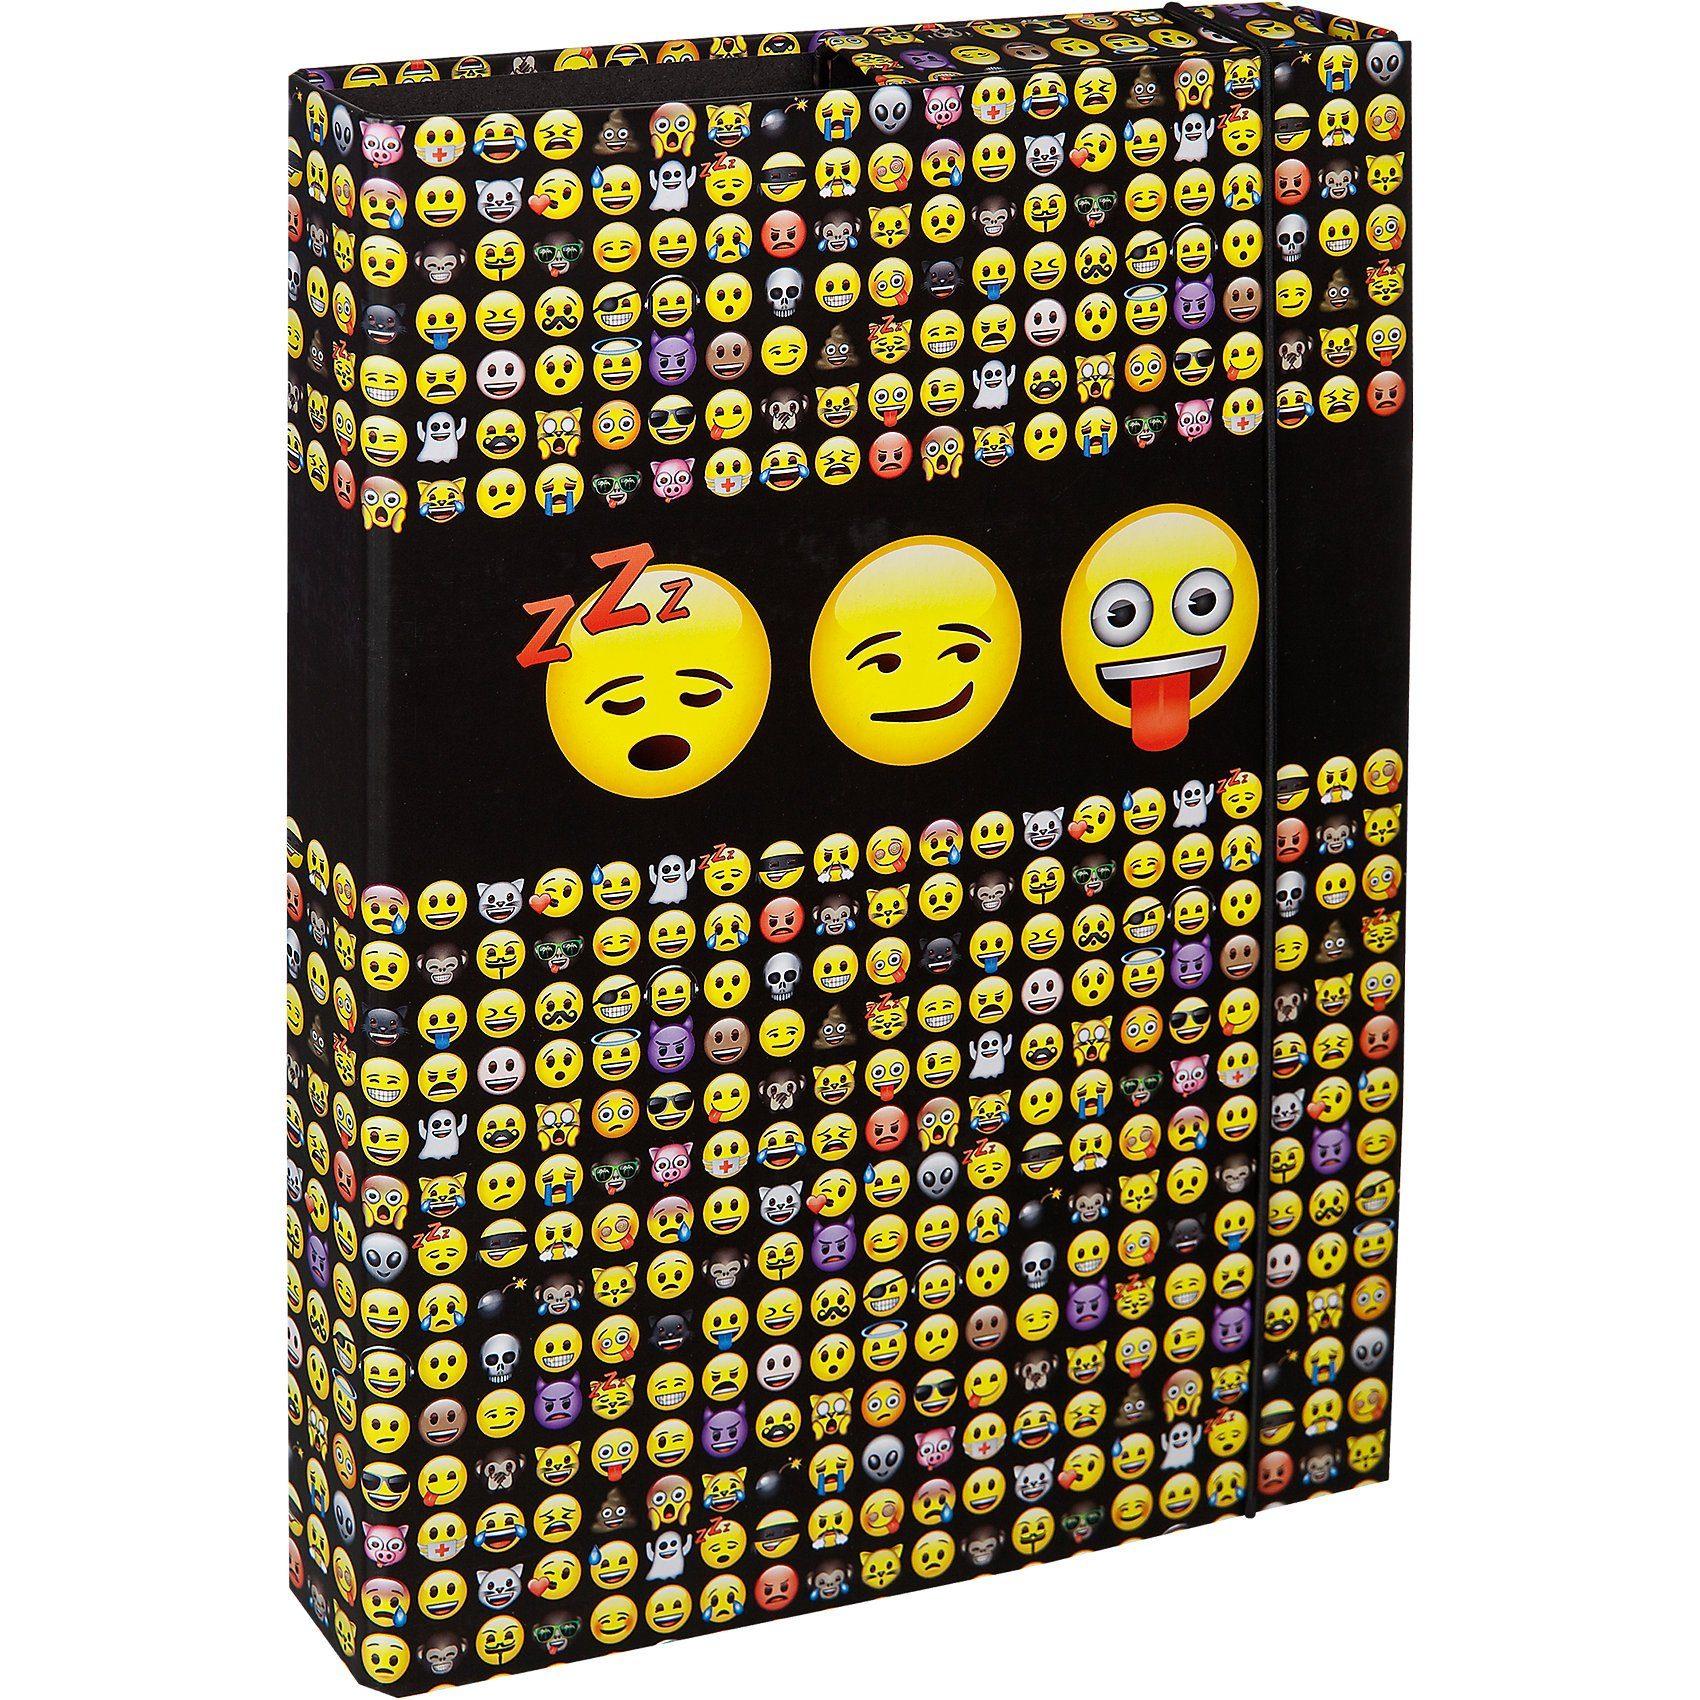 UNDERCOVER Heftbox A4 Emoji